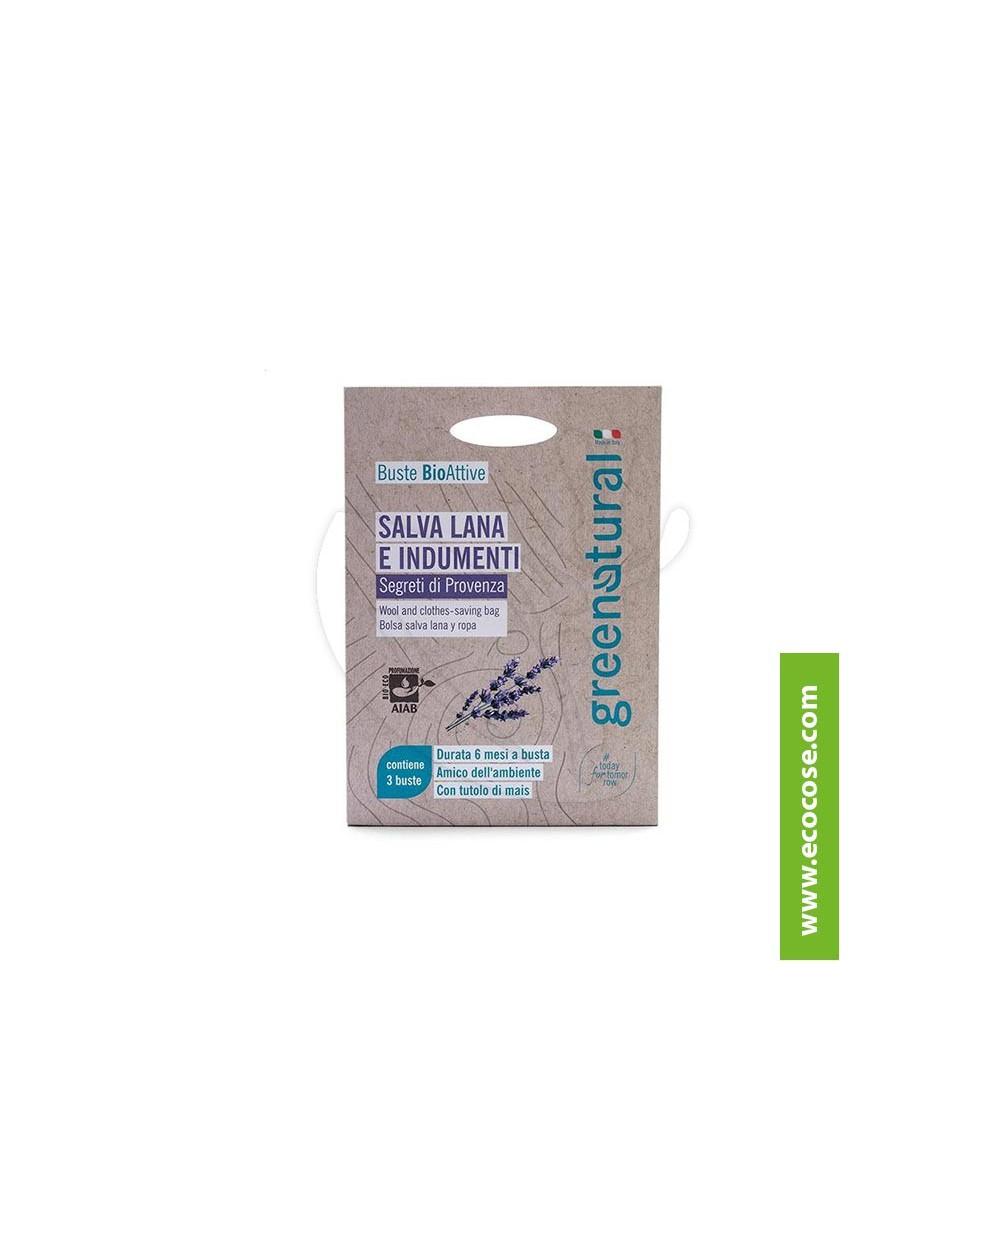 Greenatural - Buste Bioattive Salva Lana e indumenti - Segreti di Provenza